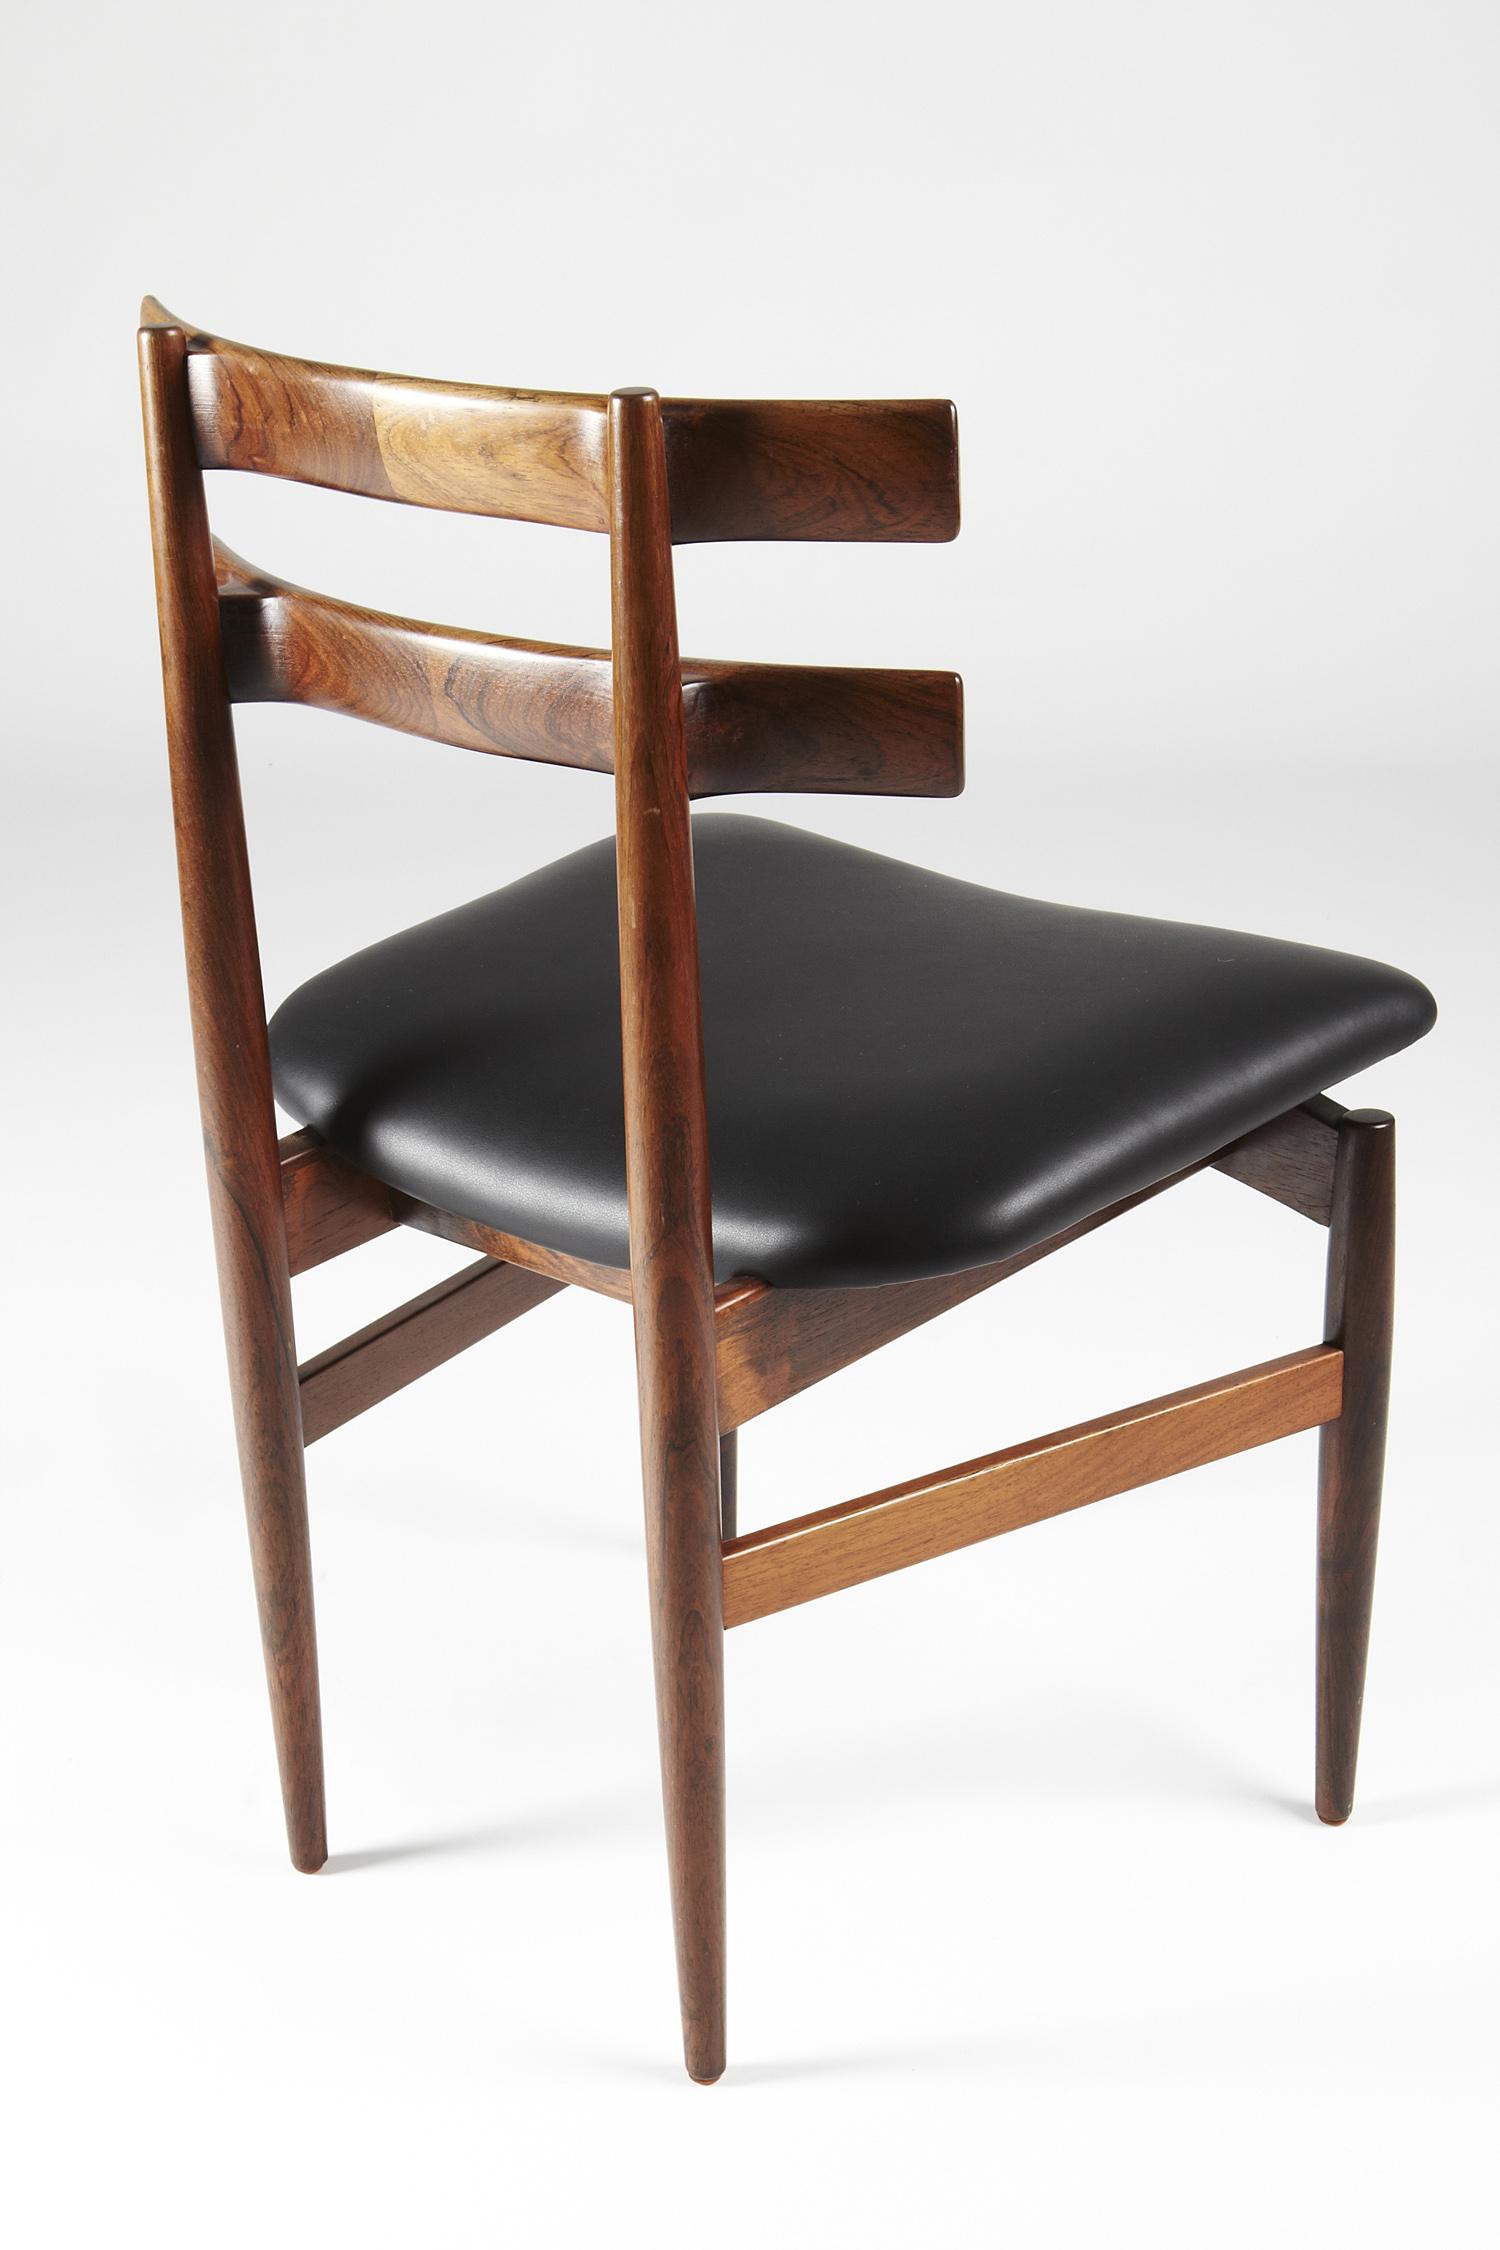 Kristiansen 1963 dining chair3_resize.jpg